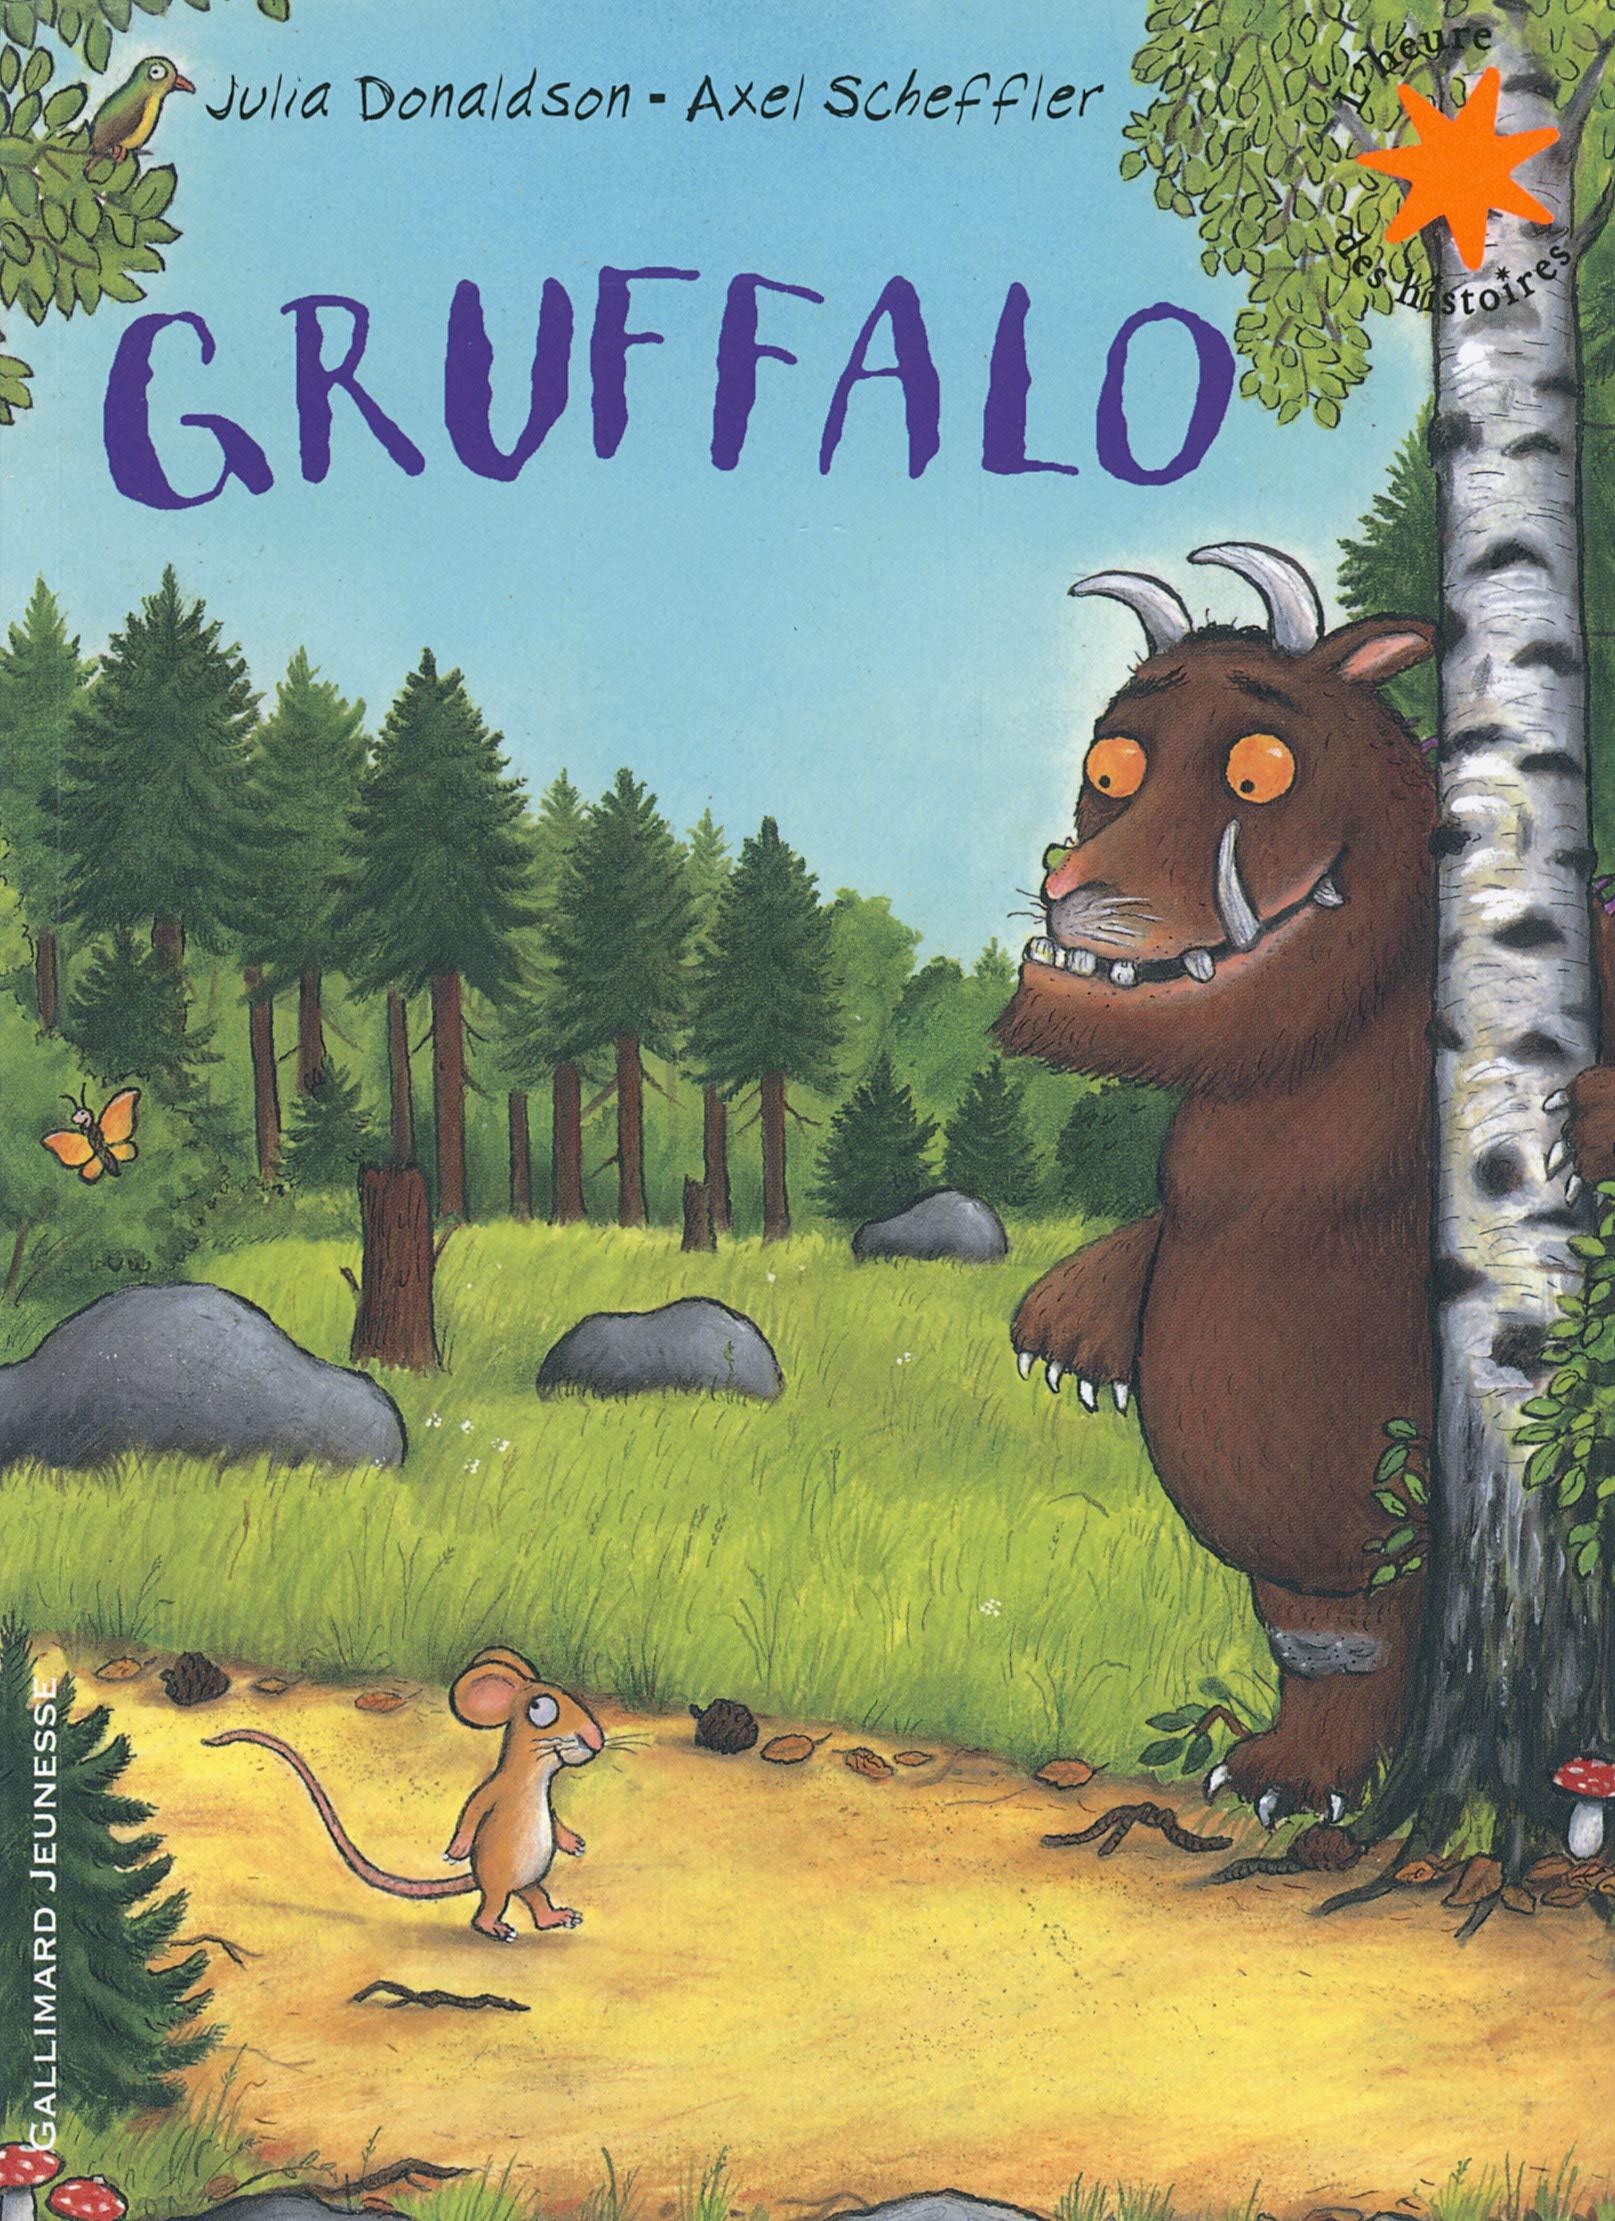 Gruffalo (Lheure des histoires): Amazon.es: Donaldson,Julia, Scheffler,Axel, Ménard,Jean-François: Libros en idiomas extranjeros